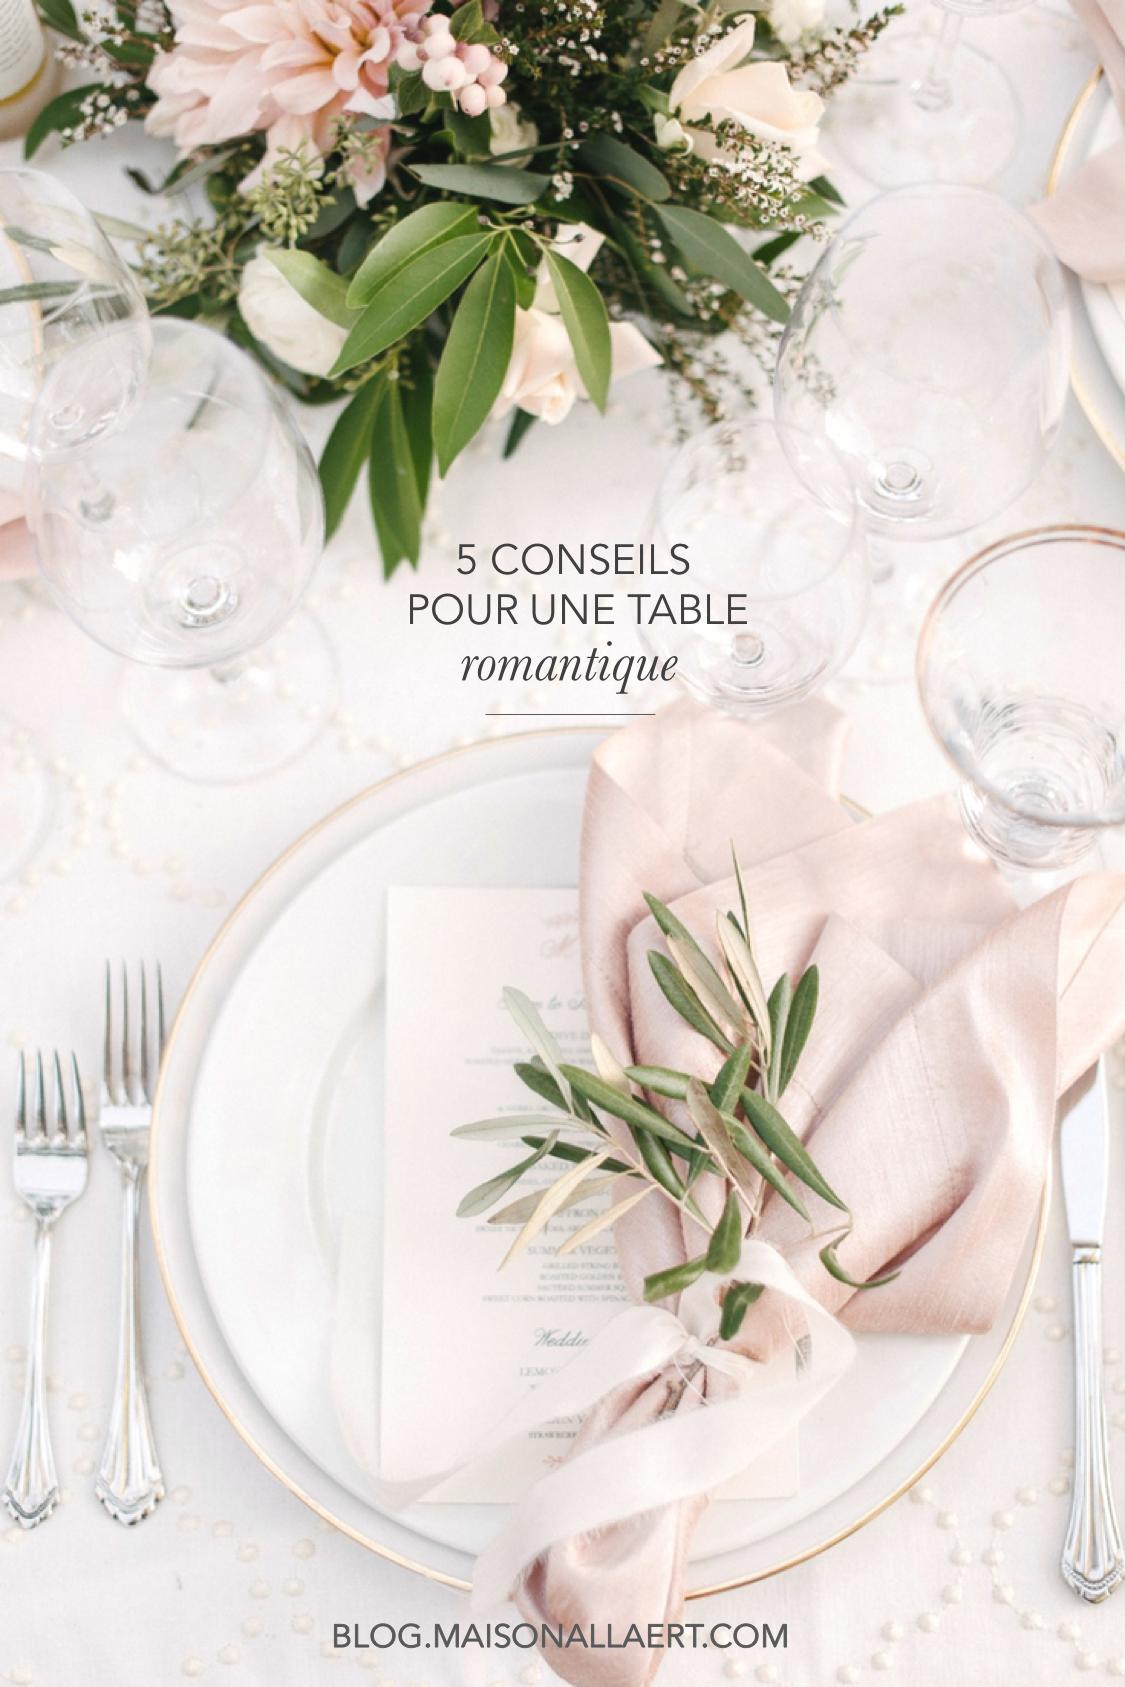 5 idées déco pour réaliser une table romantique